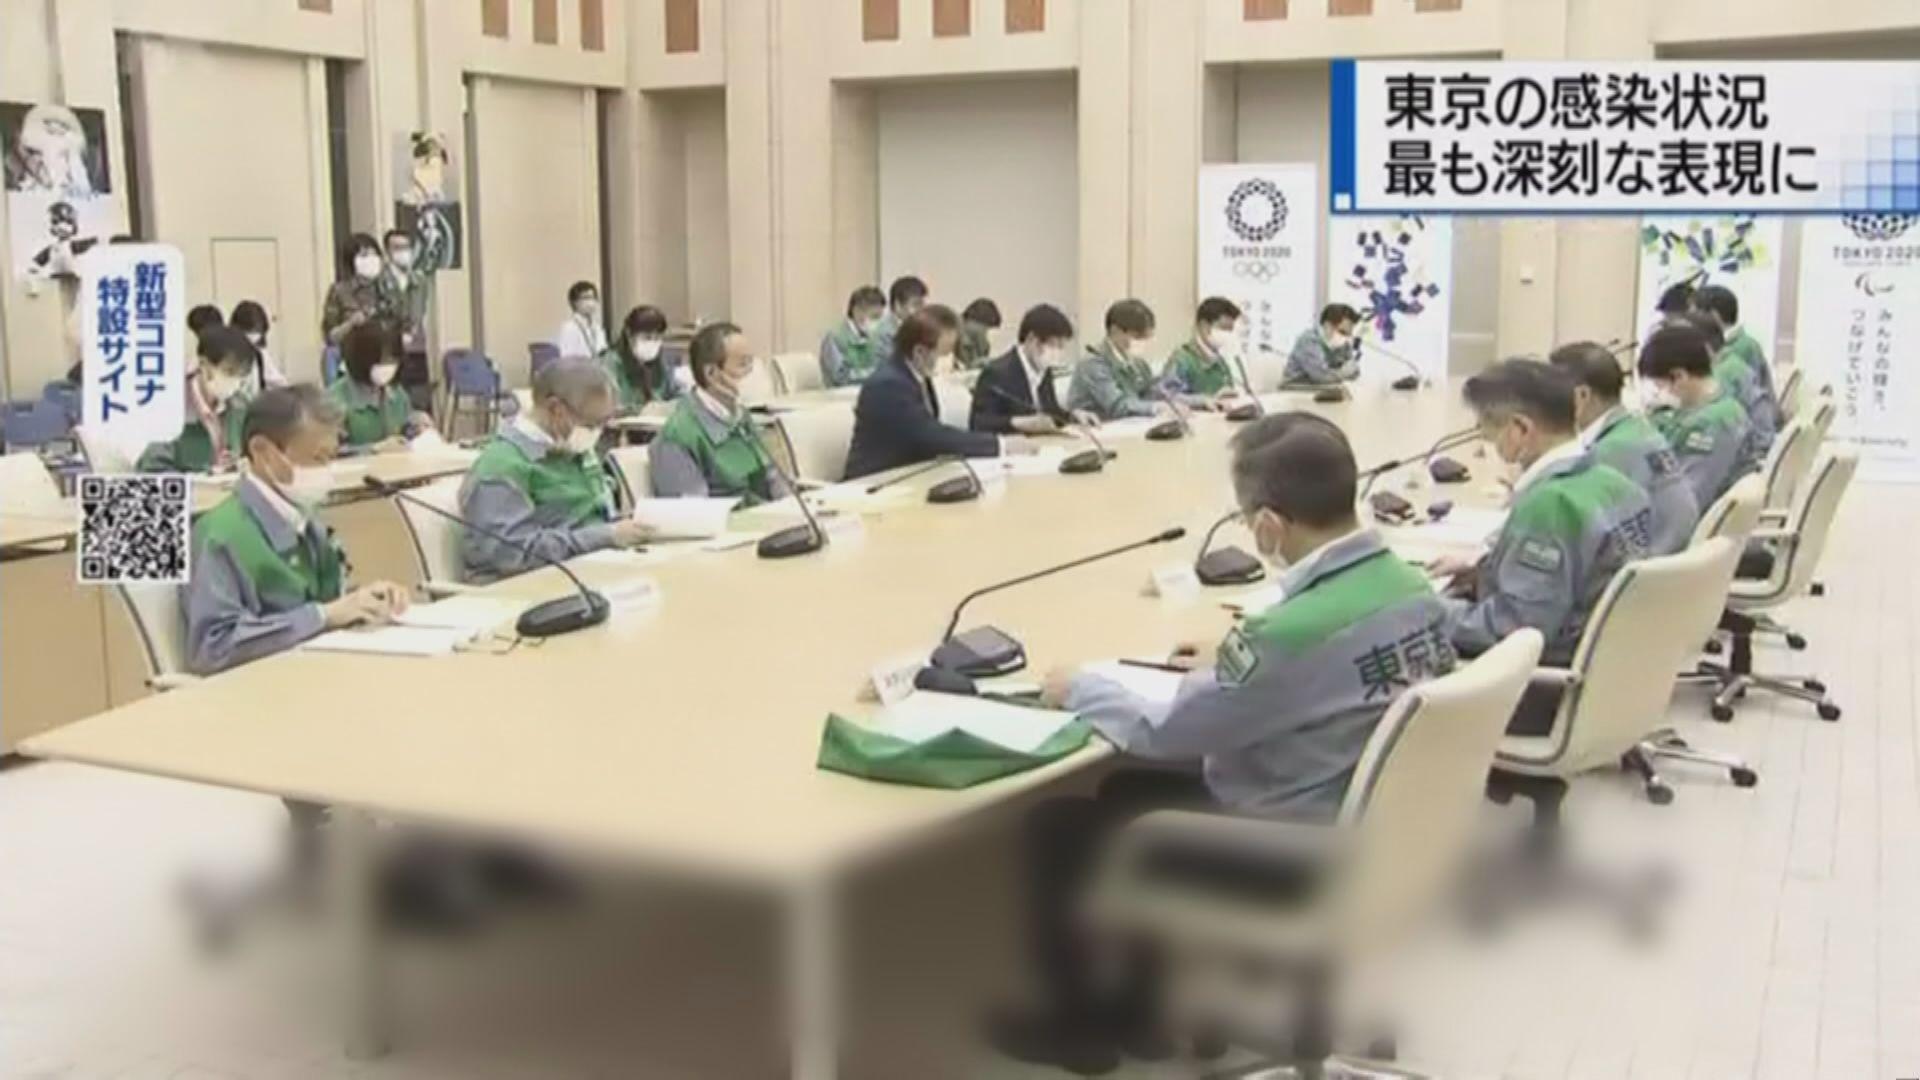 日本新增449宗確診個案 為解除緊急狀態以來最多